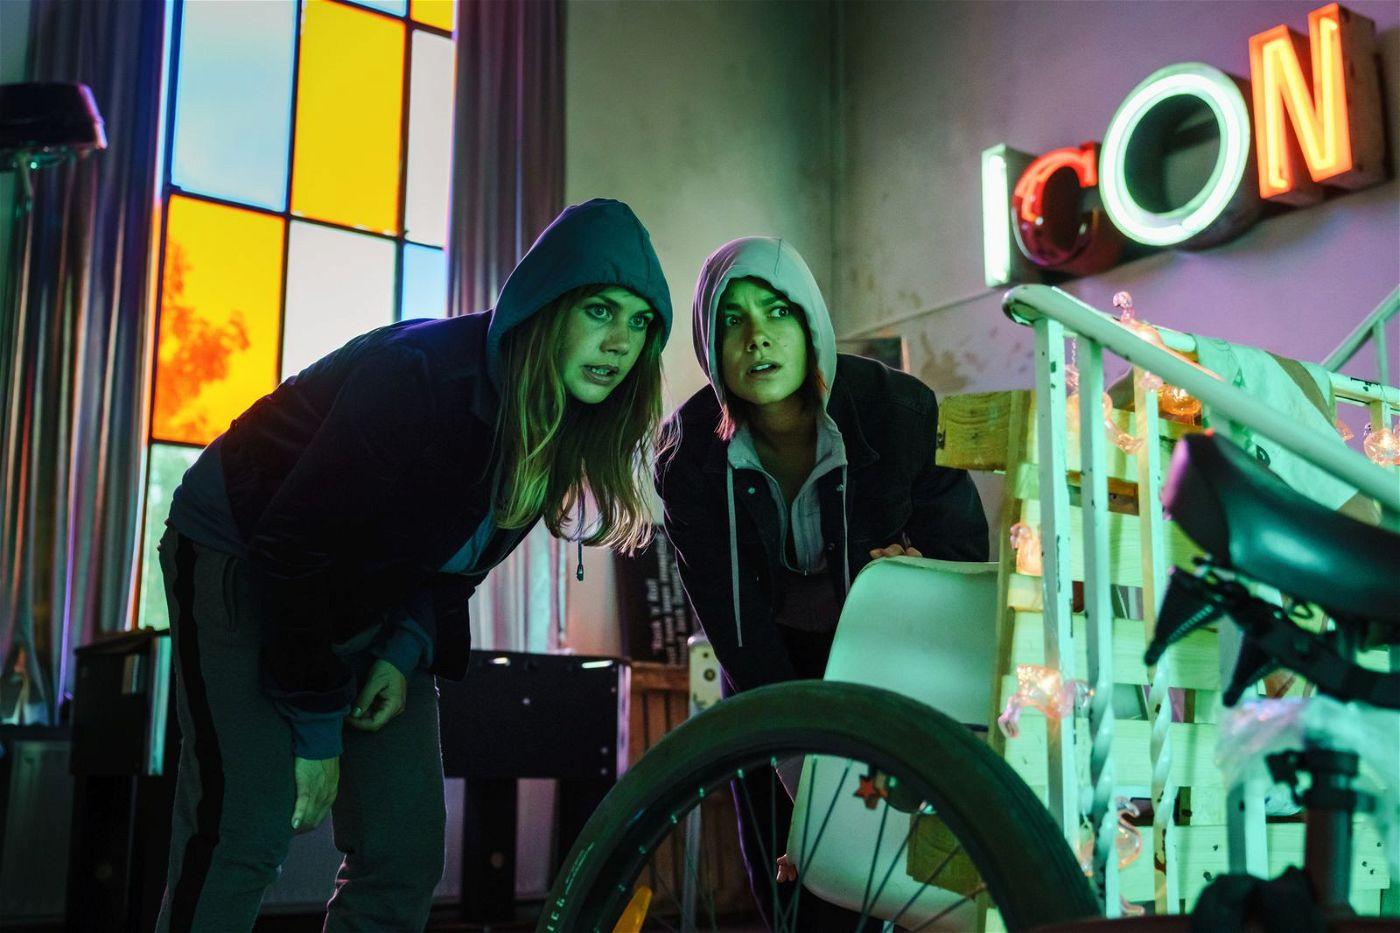 Um ihr gestohlenes Tablet wiederzubekommen, brechen Lolle (Felicitas Woll, links) und Dana (Janina Uhse) in ein Bordell ein.